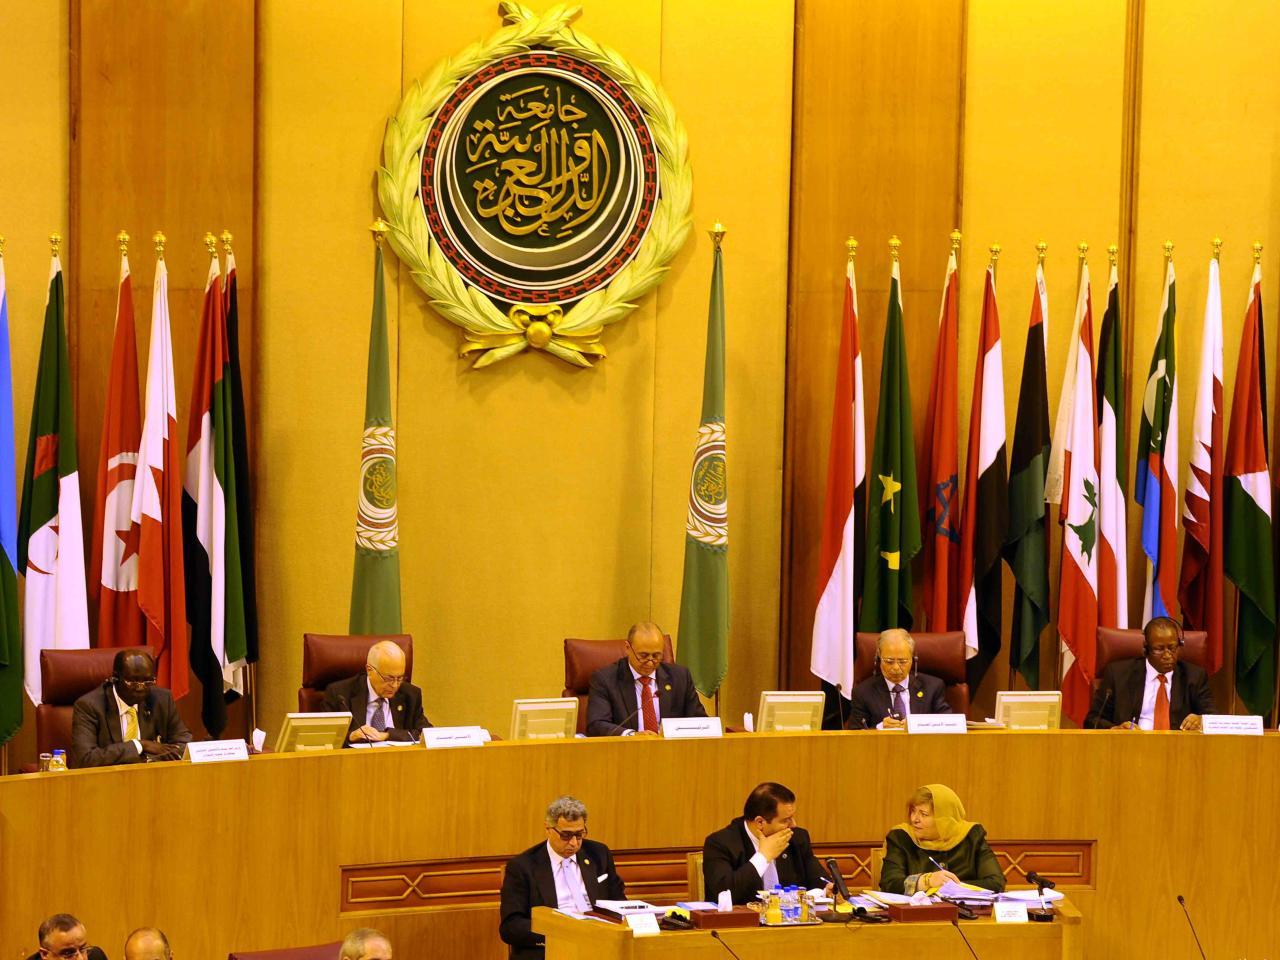 رؤساء الأركان العرب يجتمعون الأربعاء لبحث القوة العربية